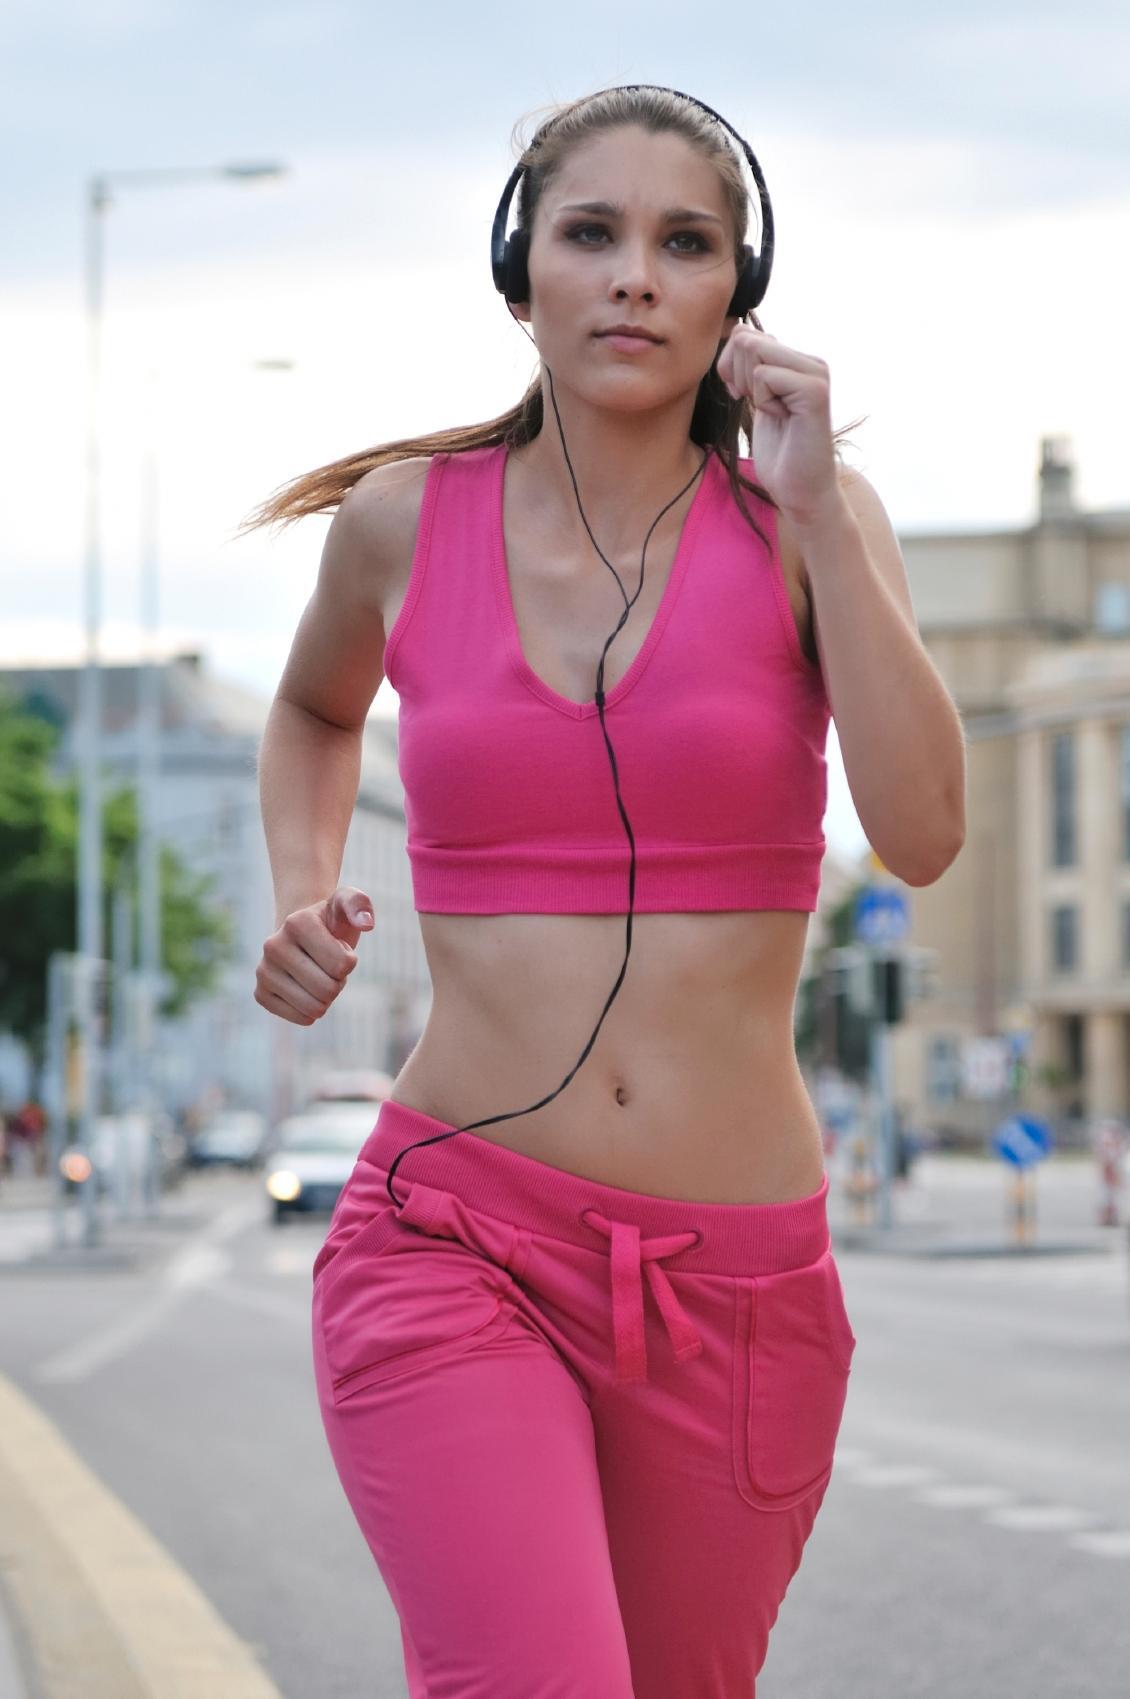 IPOD-APATI: Bruker du hodetelefoner, blir du mindre oppmerksom på farer. (Foto:Istockphoto.com)